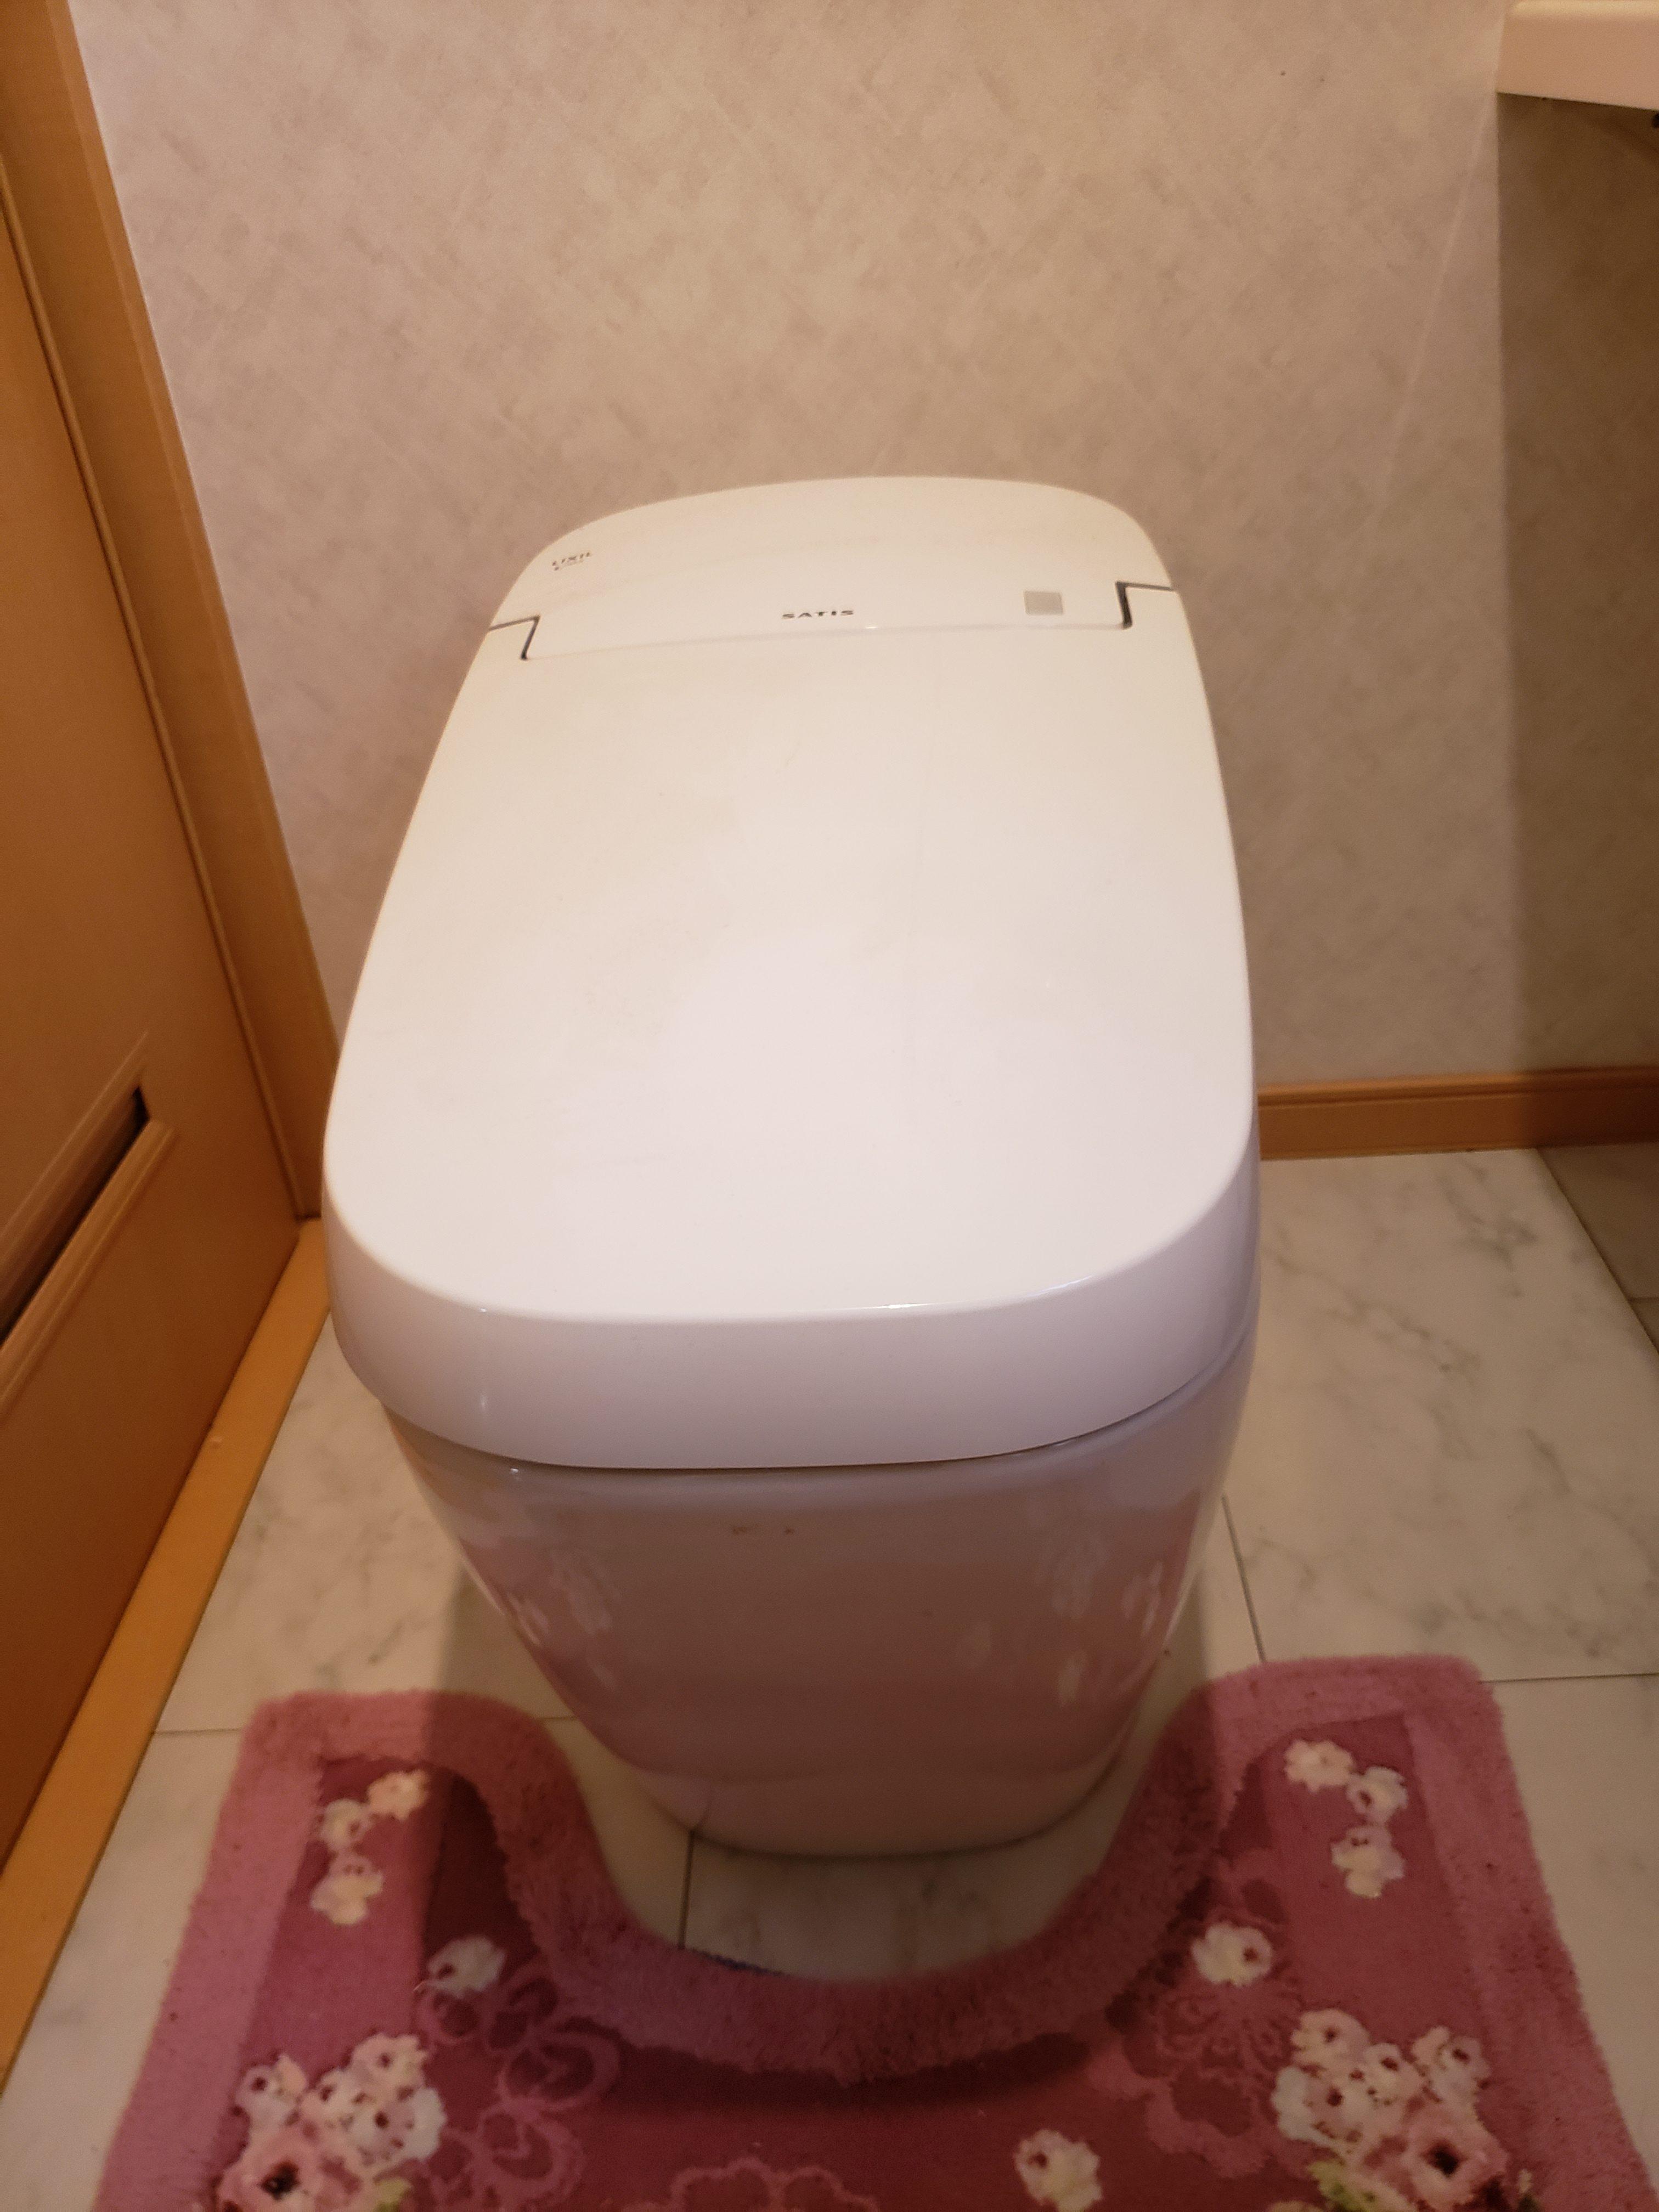 ギャラリーパティオのトイレ プチリフォームの施工事例写真